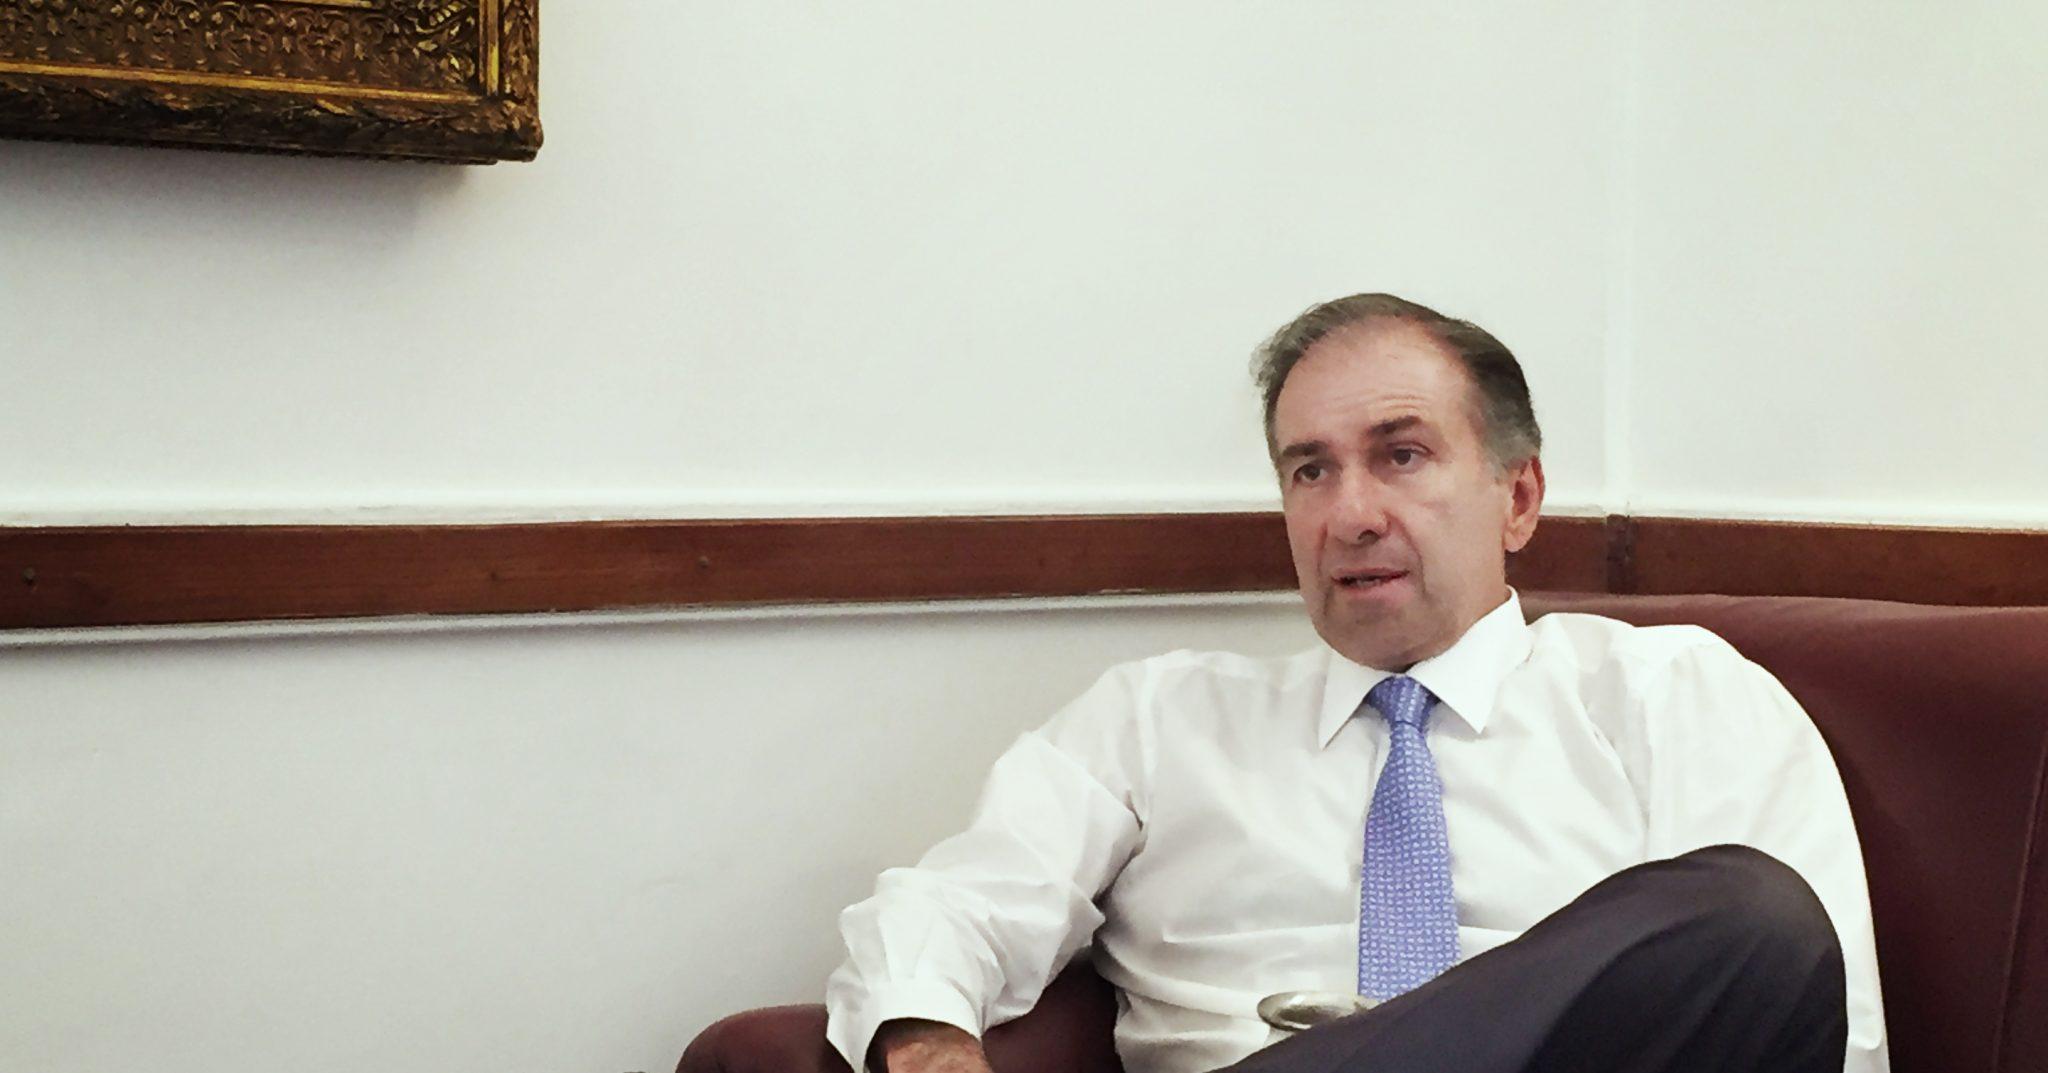 Jueves 12 de abril de 2018, oficina de Humberto Schiavoni en el Congreso de la Nación, Buenos Aires